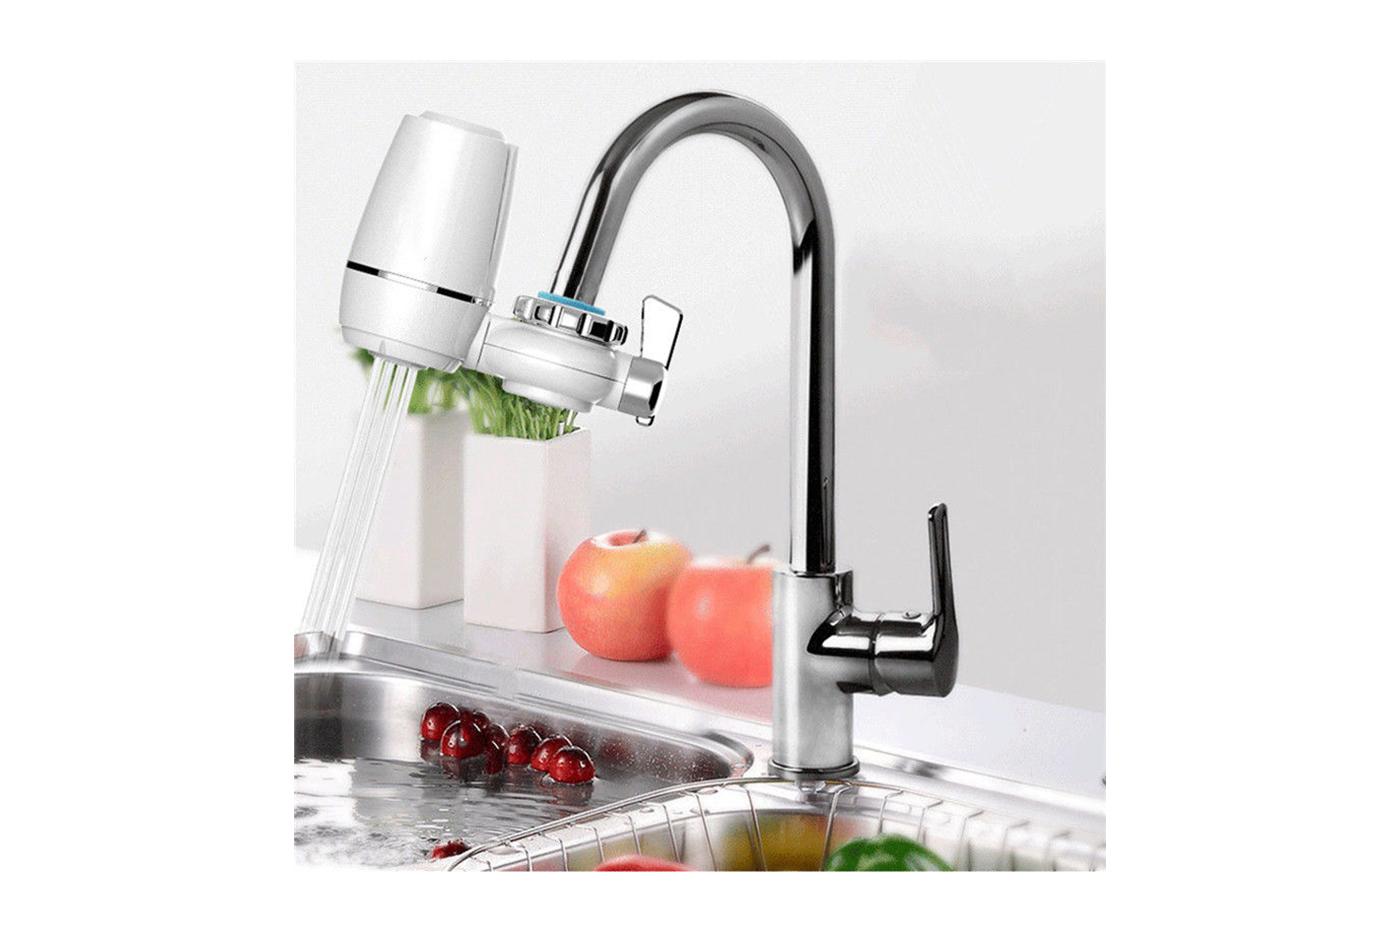 Depuratore acqua rubinetto cucina: rubinetti depuratori risparmio